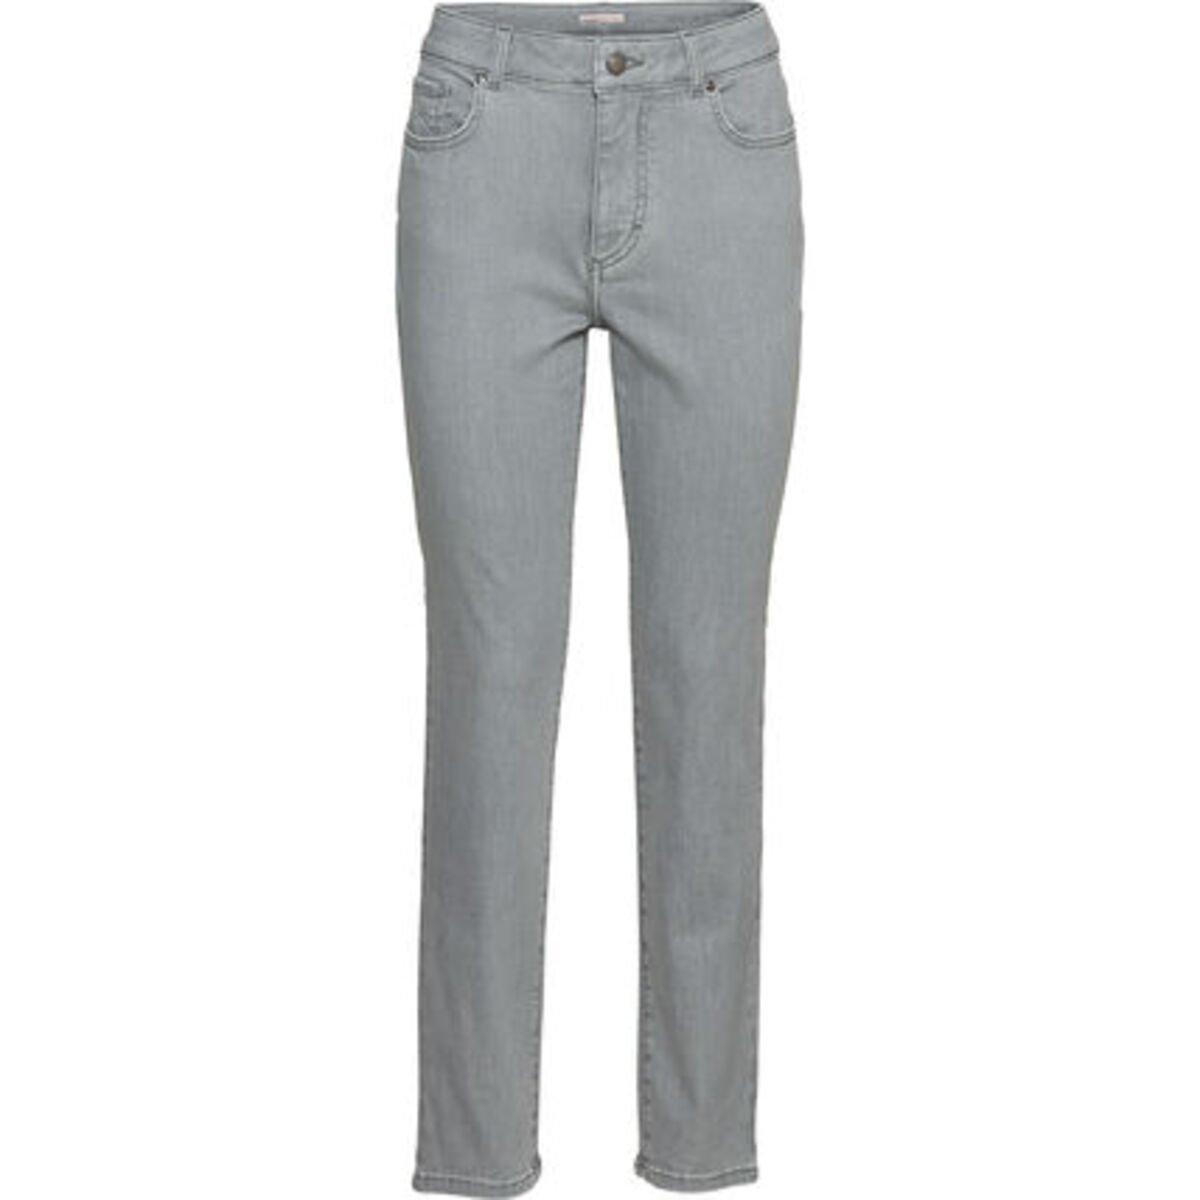 """Bild 1 von Adagio Jeans """"Sonja"""", 5-Pocket, slim fit, für Damen"""